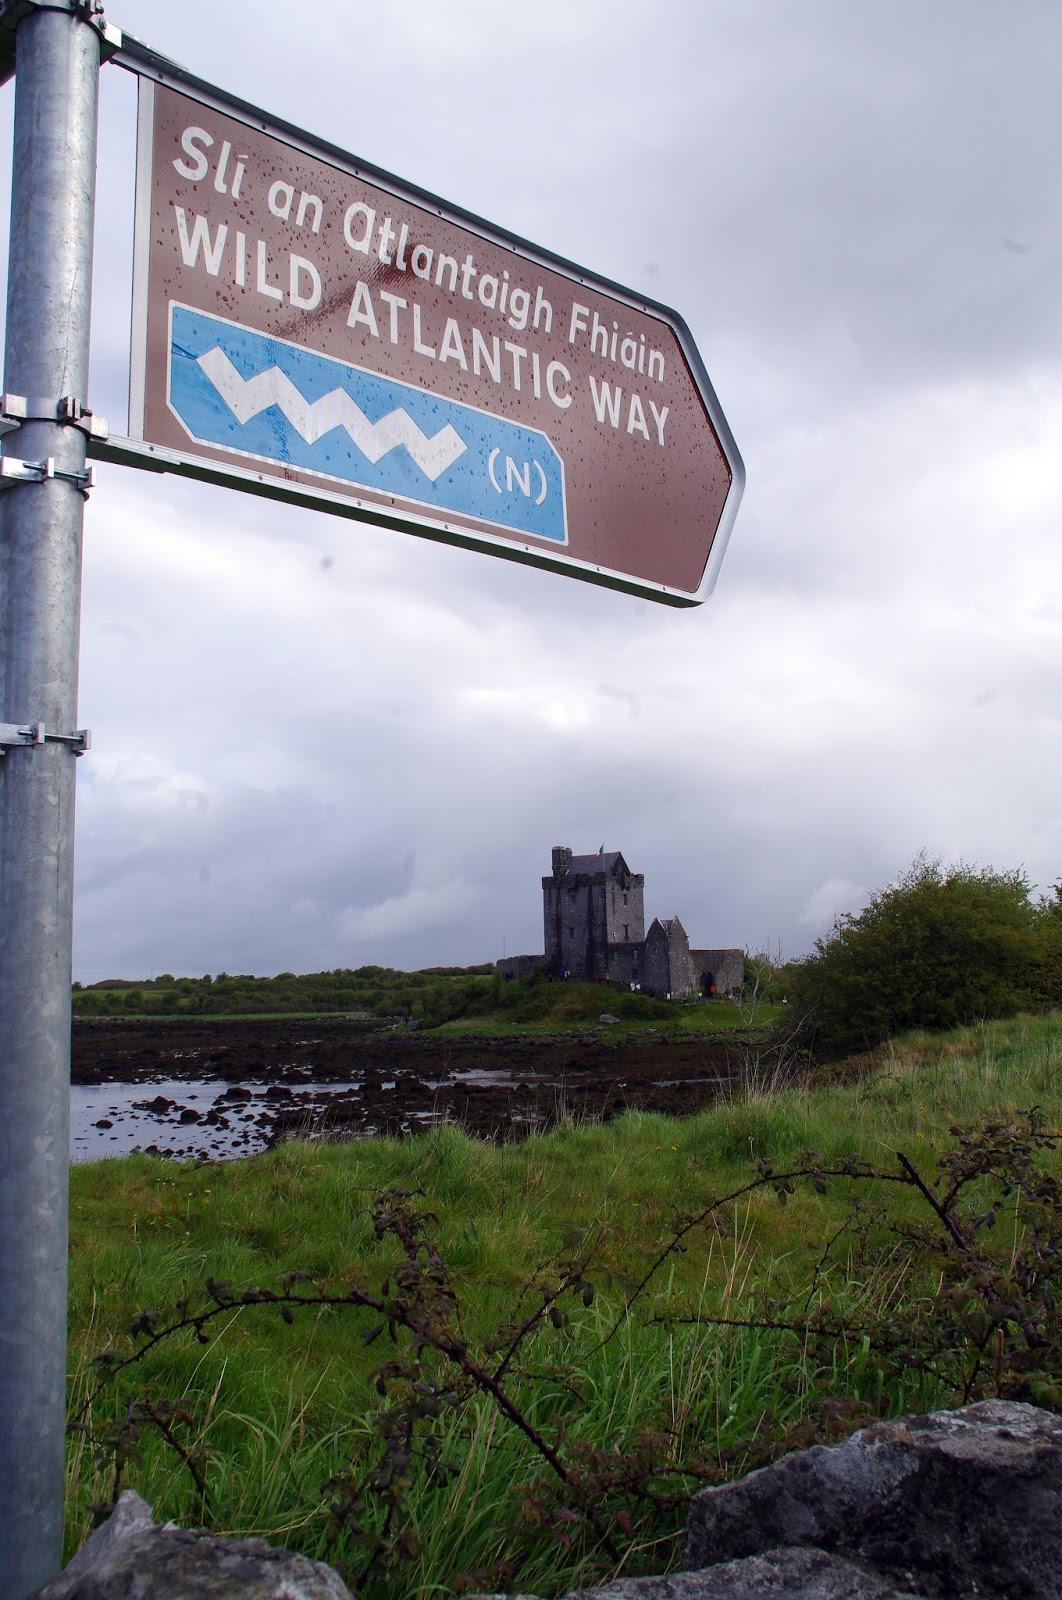 Sixt Car Hire Ireland Wild Atlantic Way